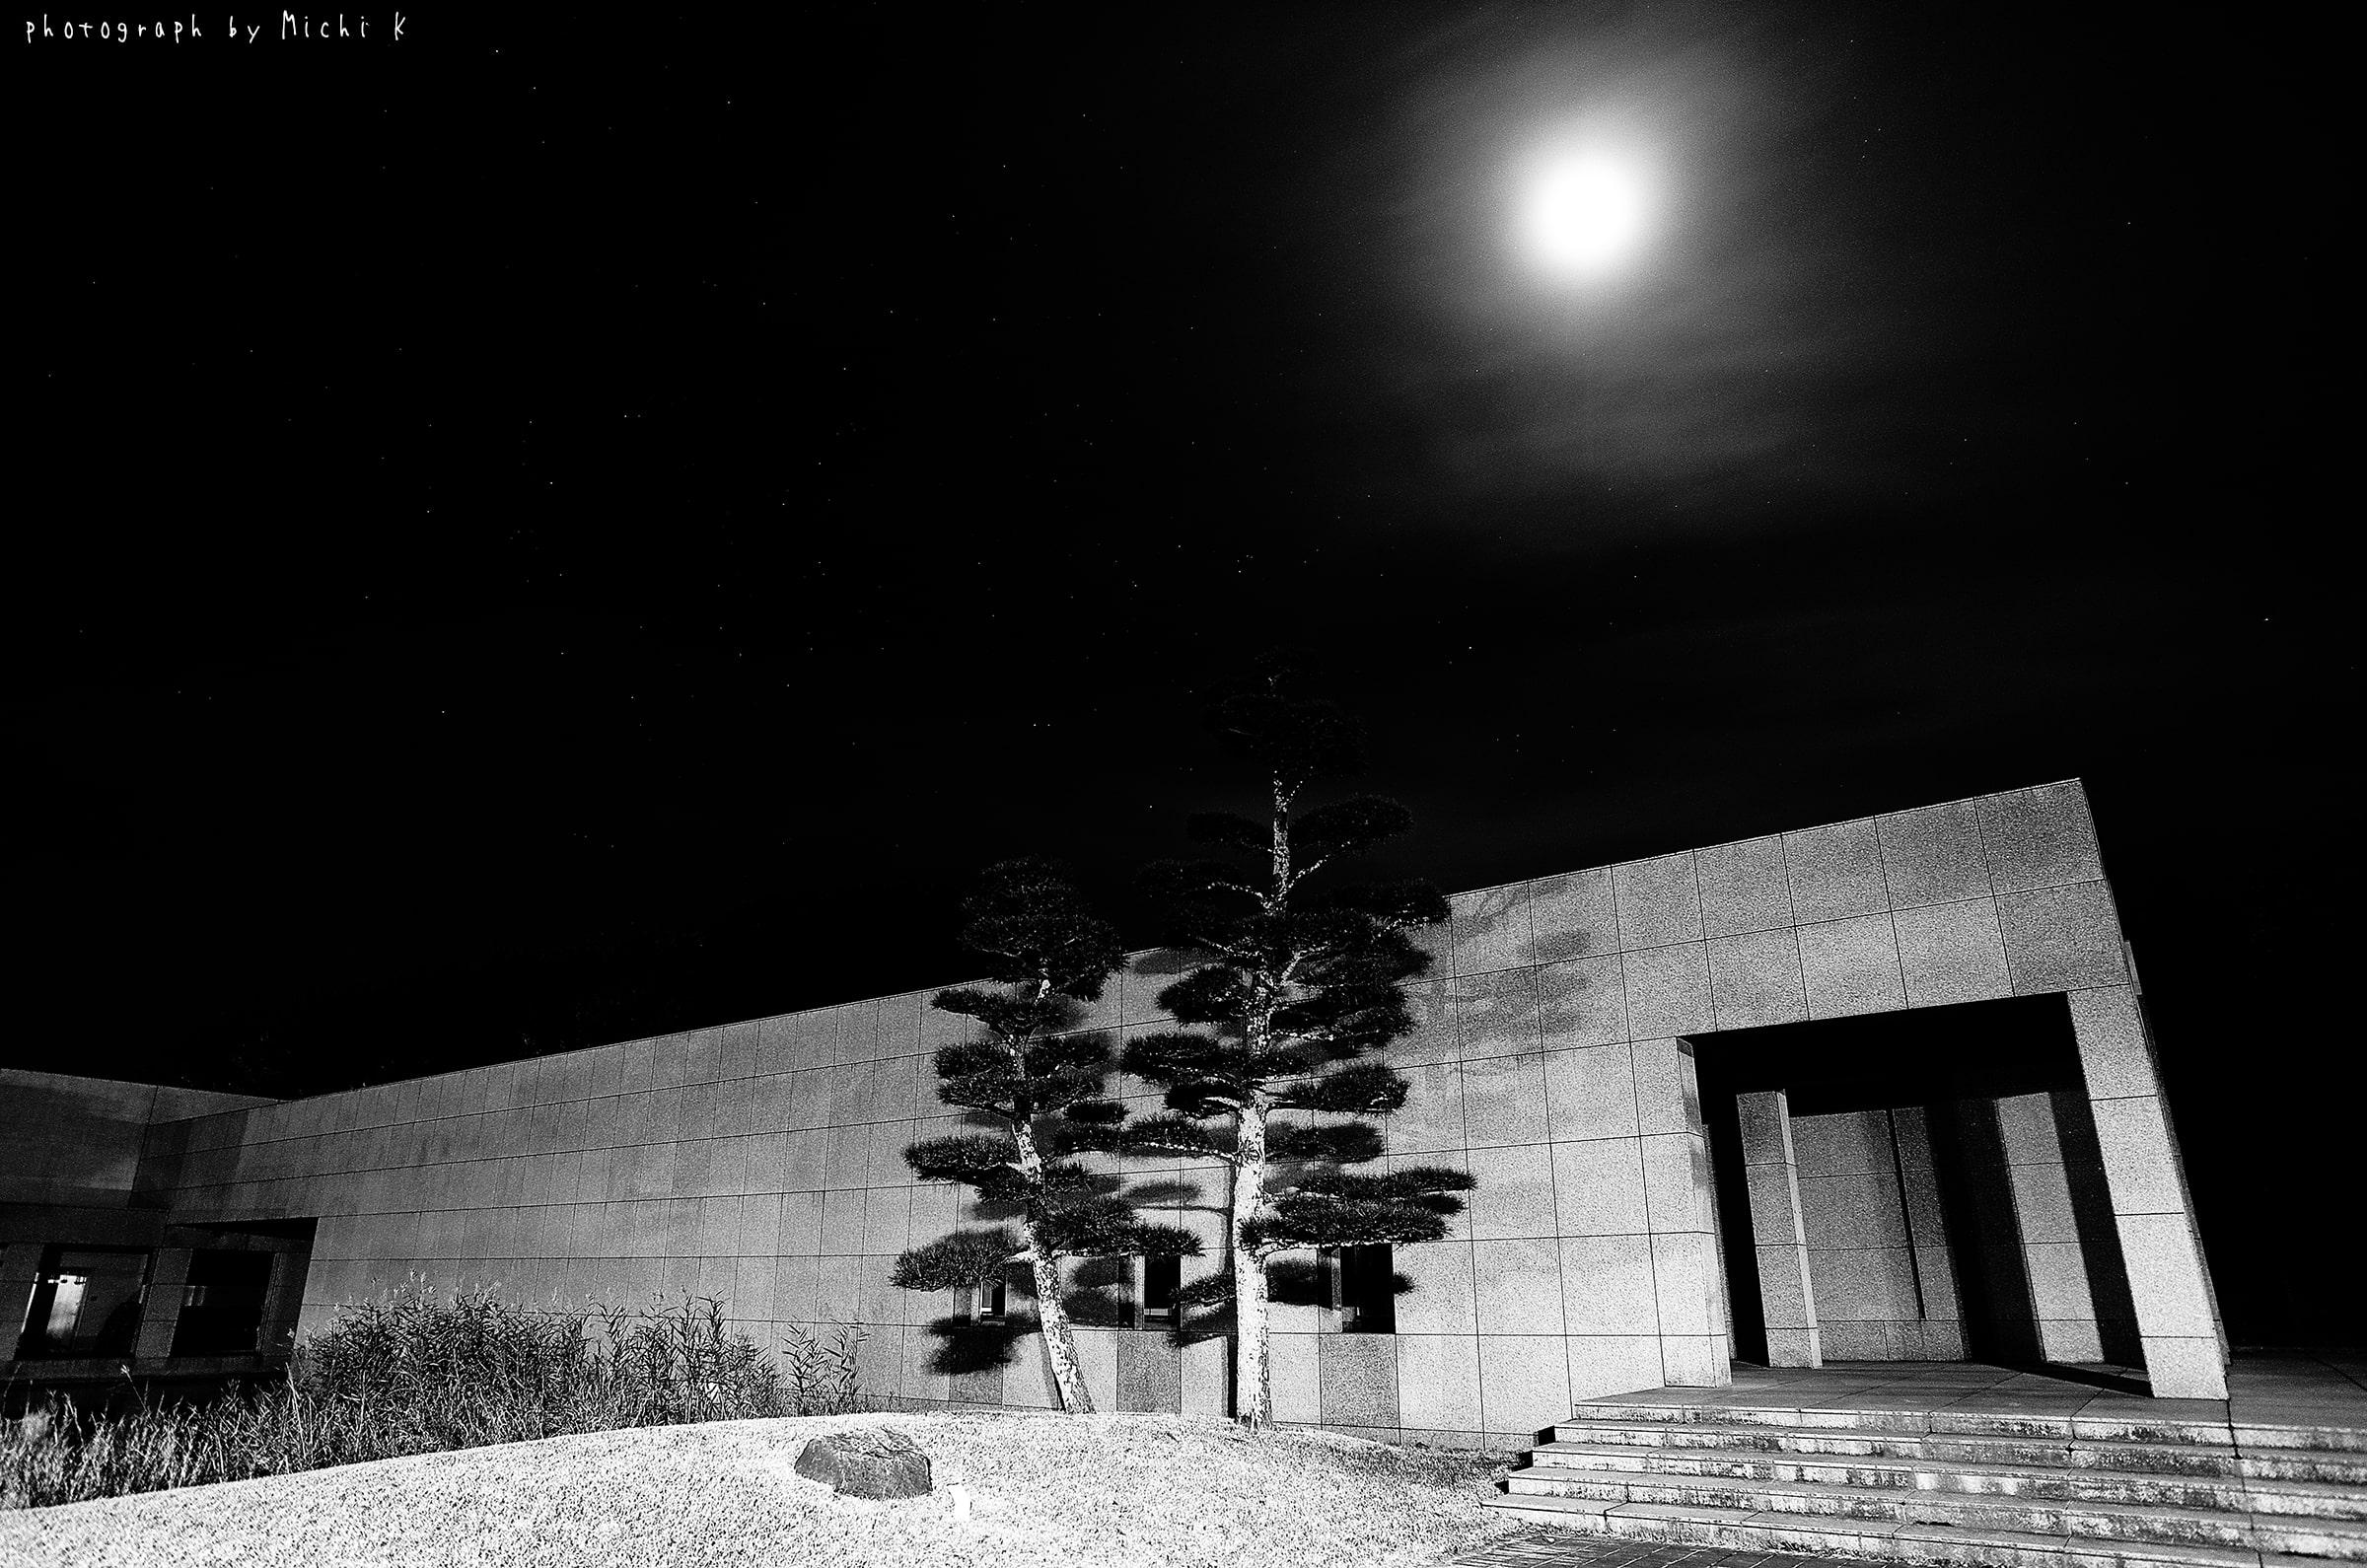 土門拳記念館にて2018-11-18夜(写真その2)